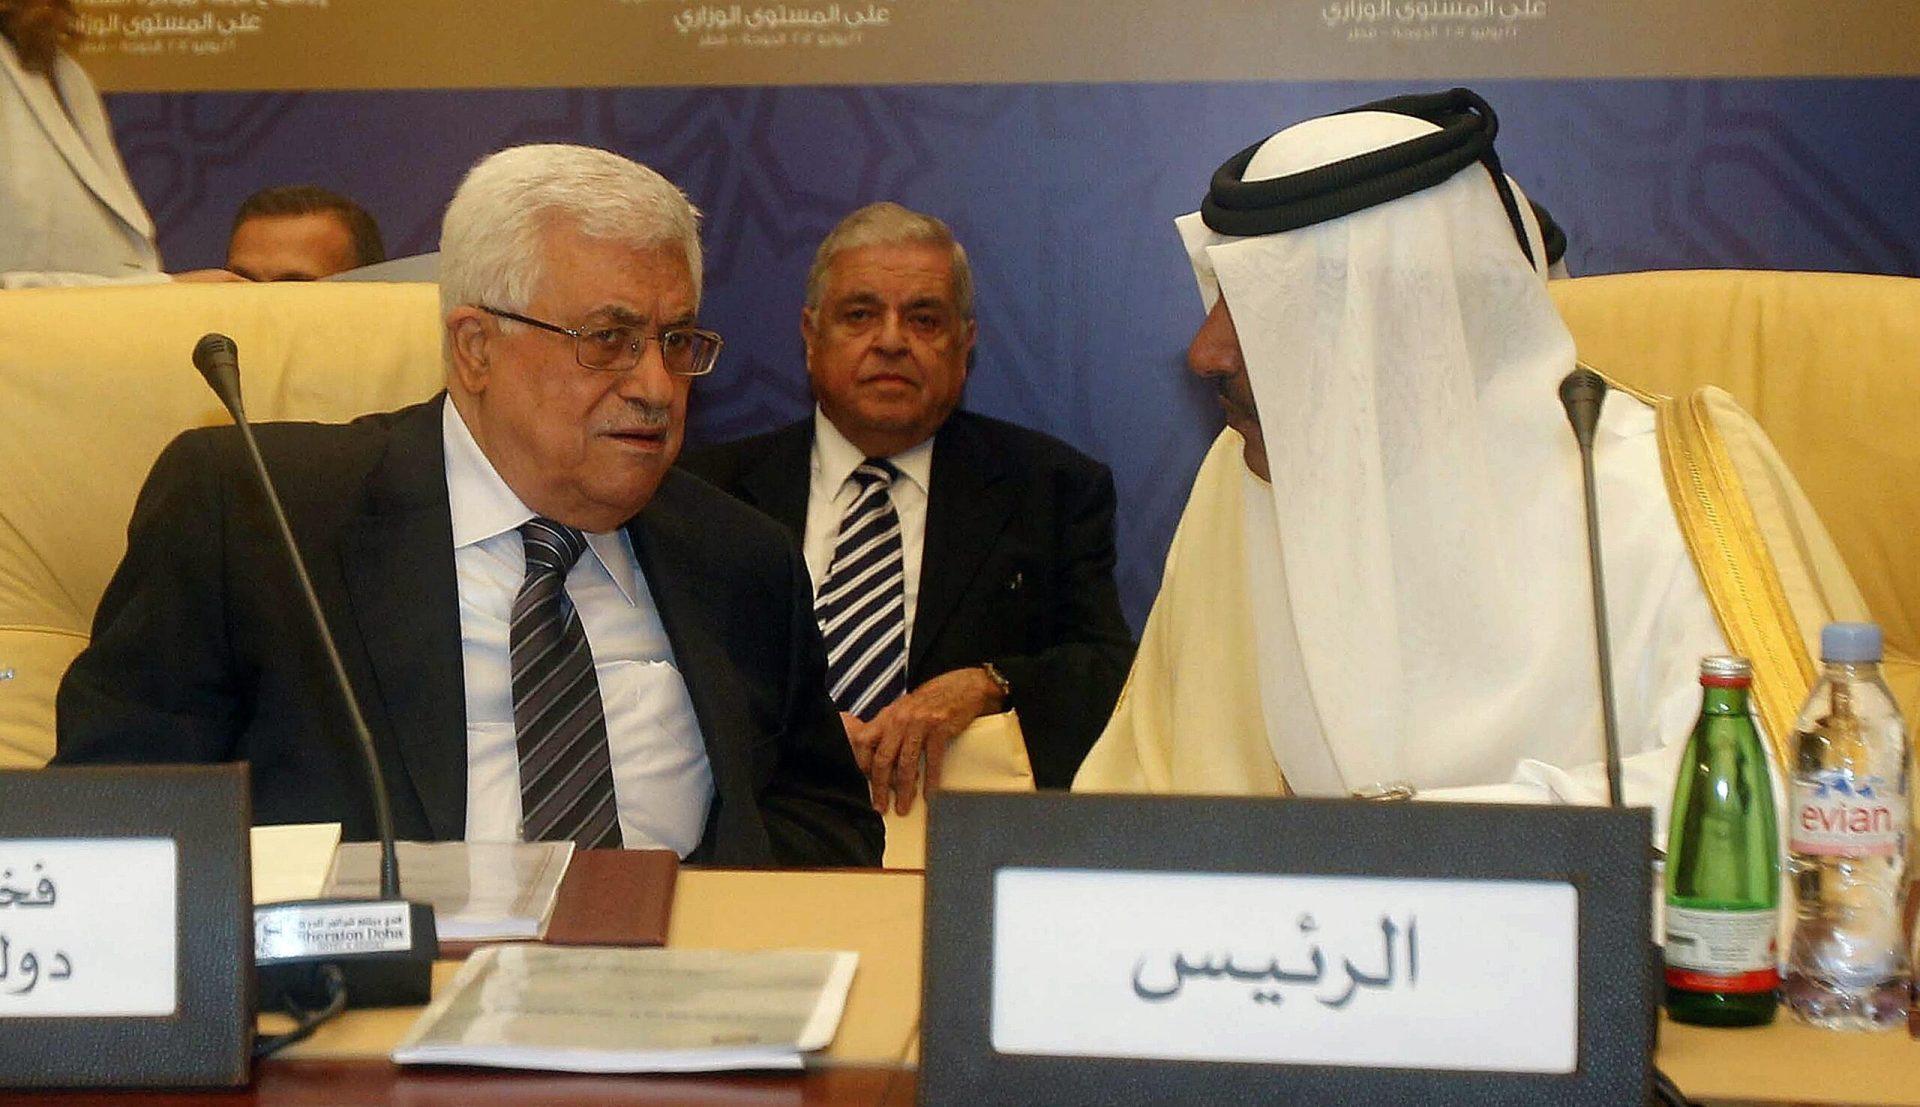 حمد بن جاسم يدعو محمود عباس إلى نقل السلطة سلمياًَ نظراَ لعمره والظروف الراهنة